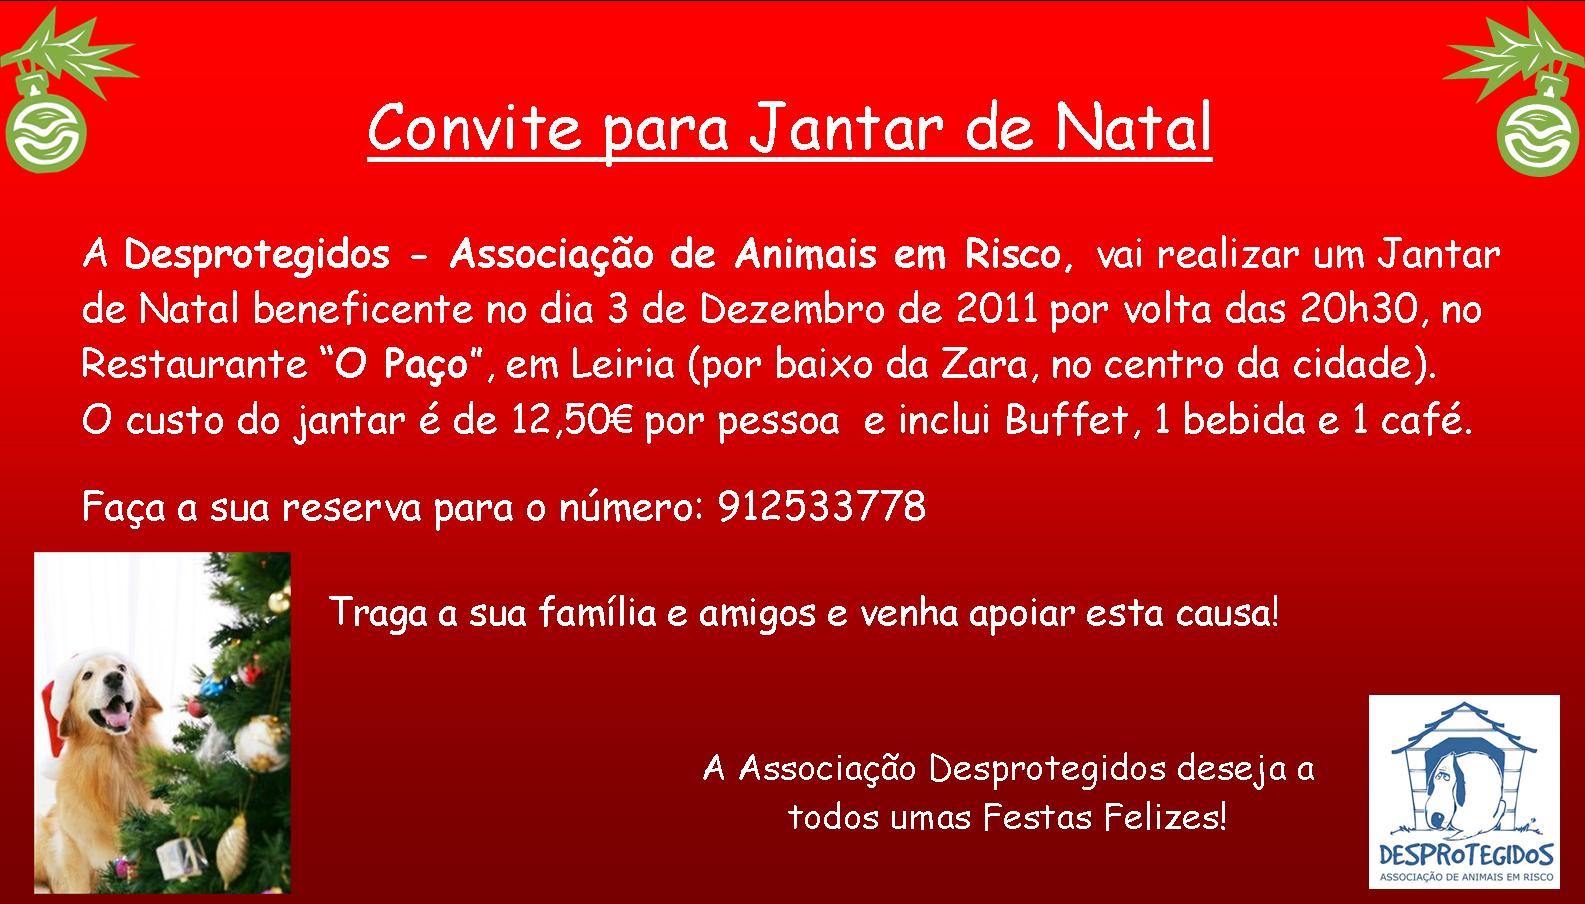 DESPROTEGIDOS: Convite Jantar de Natal #8B0100 1585x904